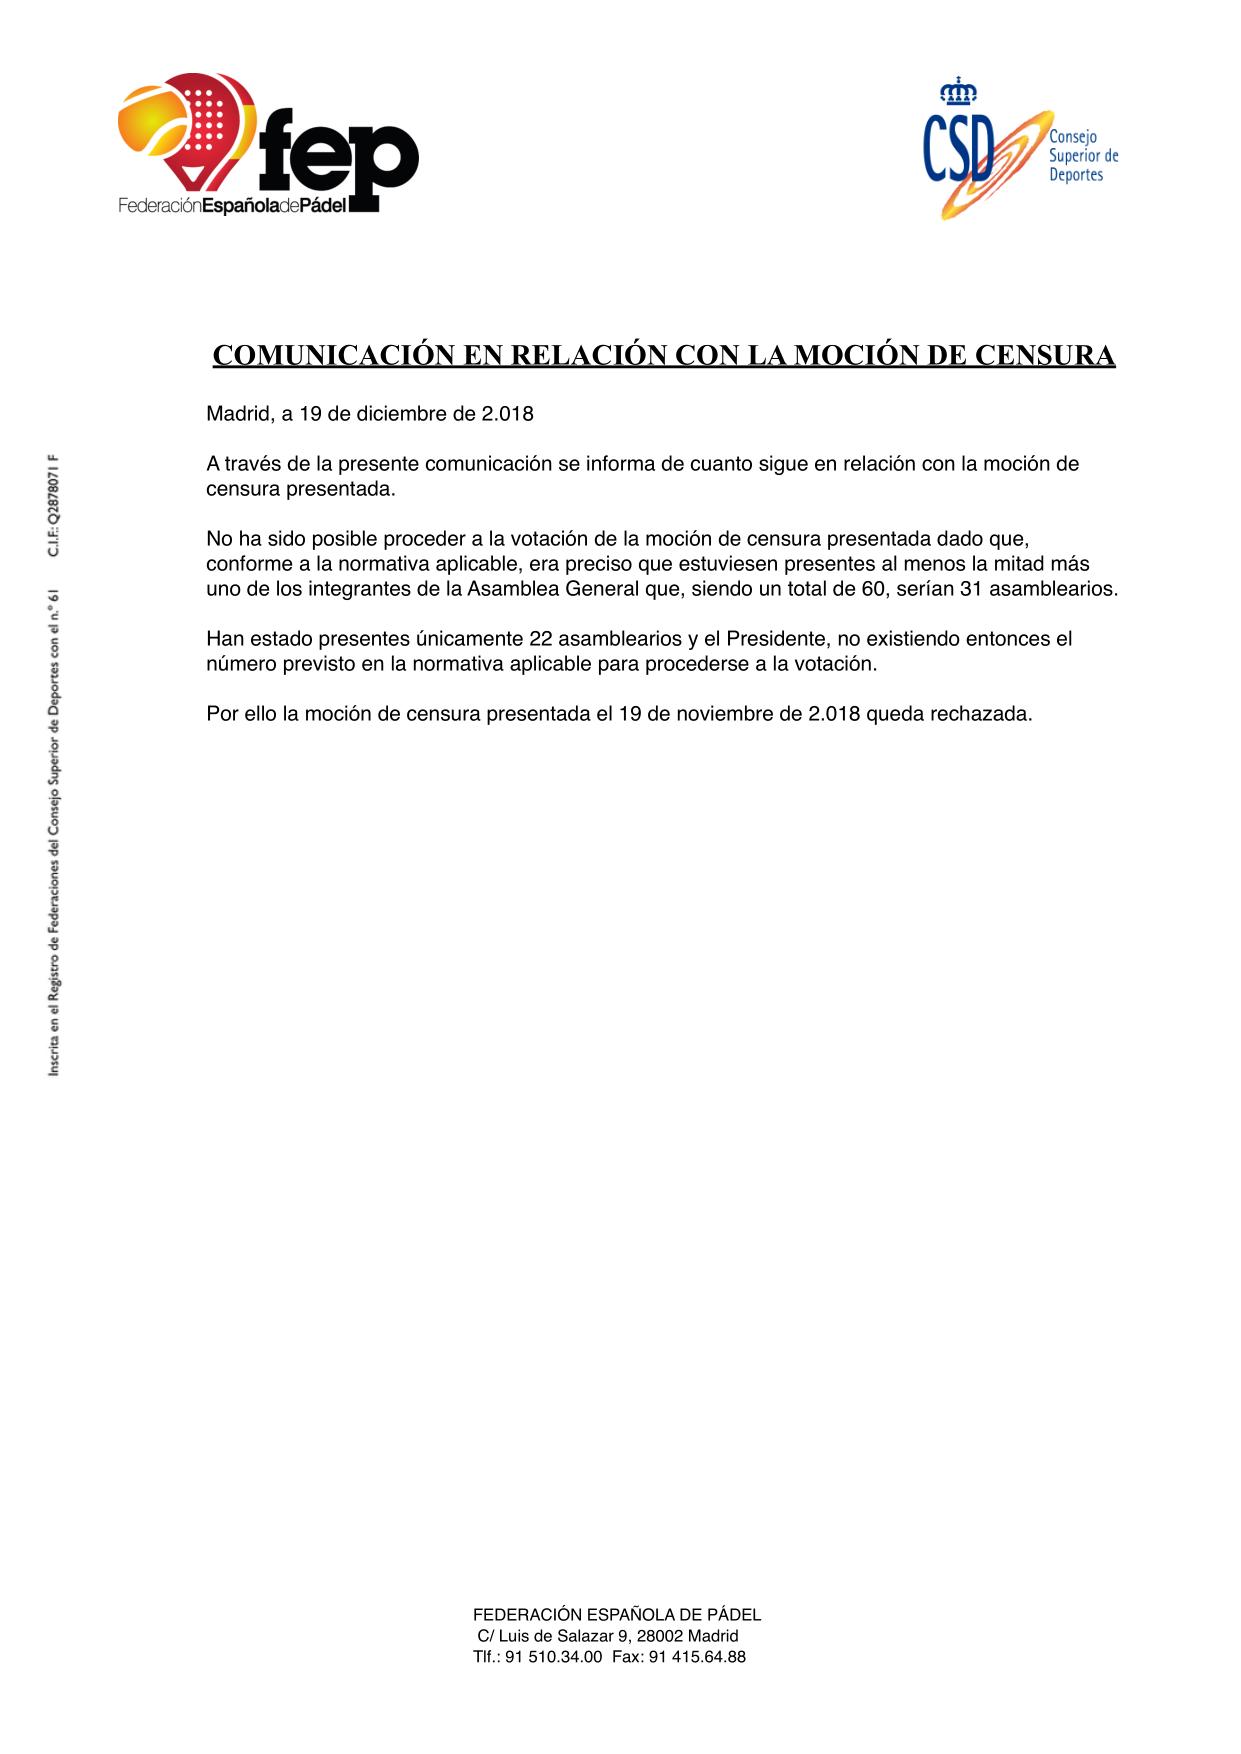 El comunicado de la FEP sobre el fracaso de la moción de censura.